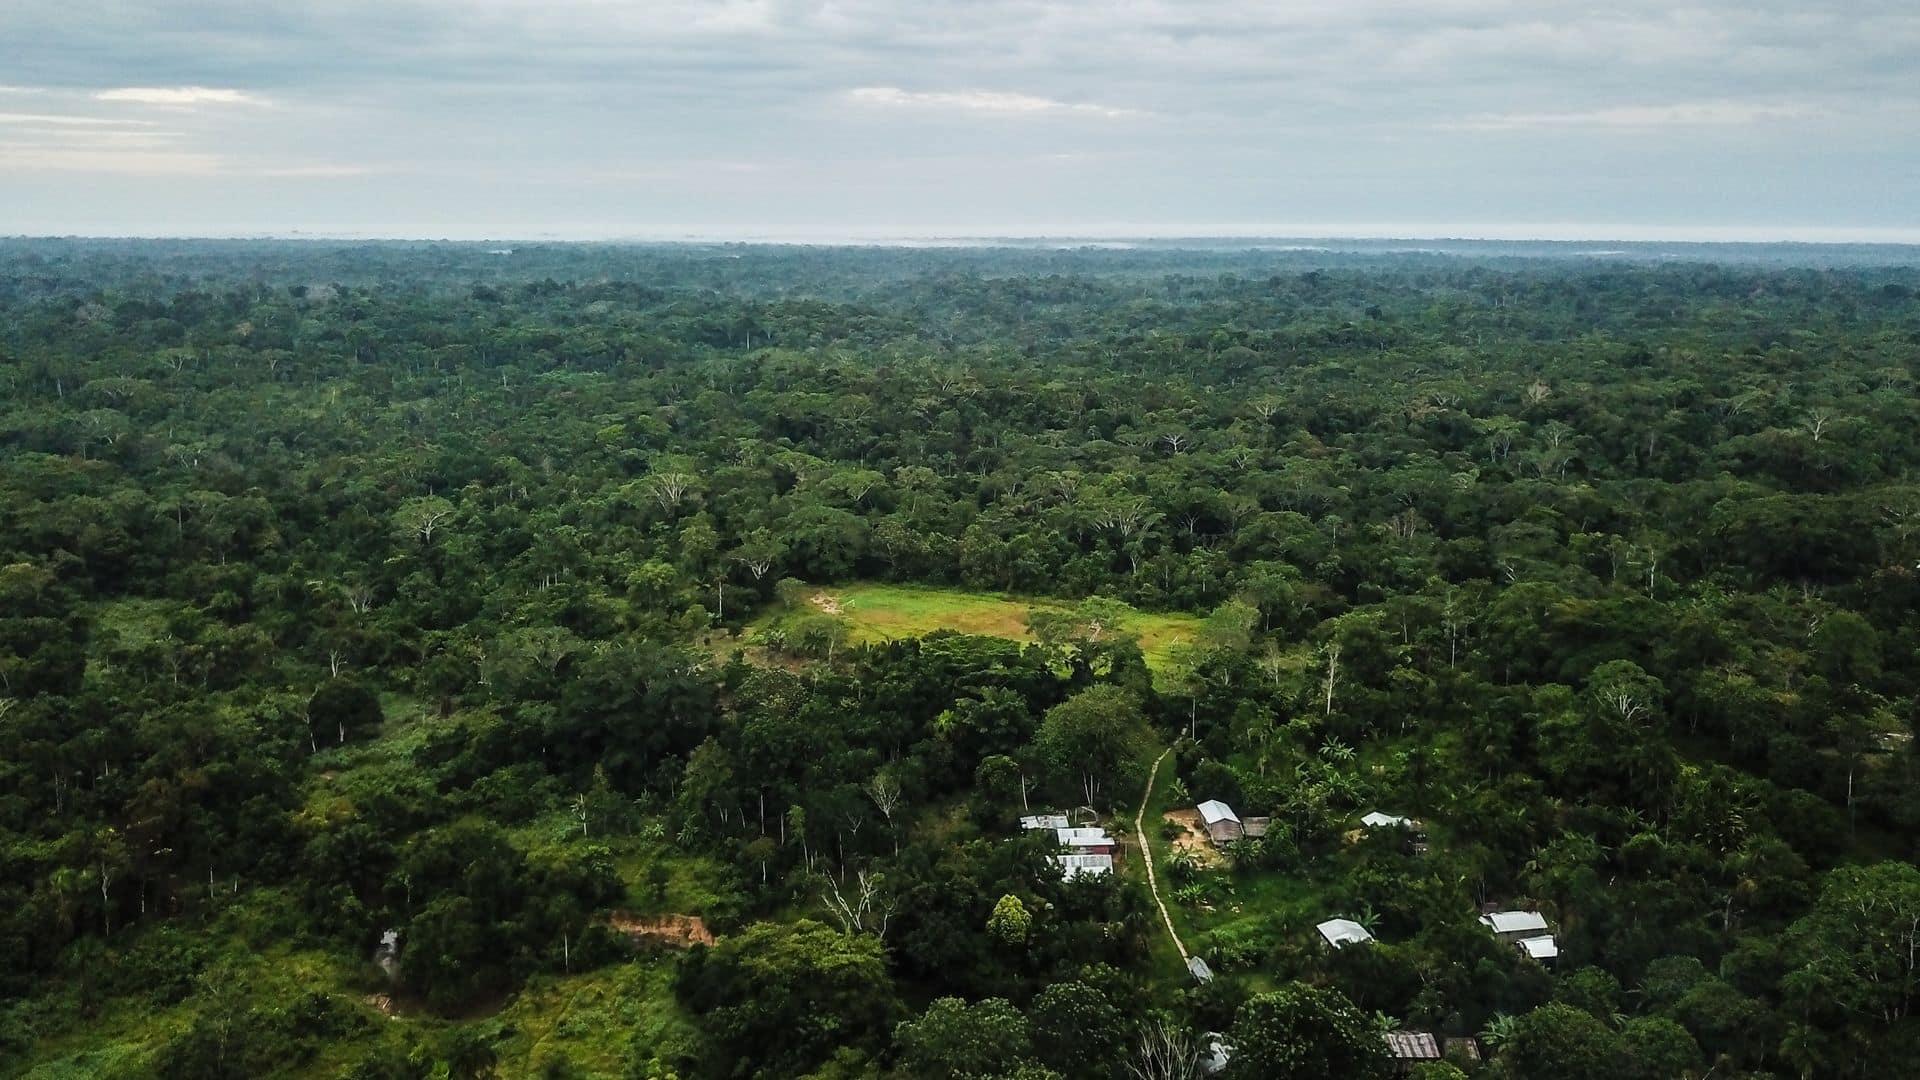 Vista del Amazonas en Colombia